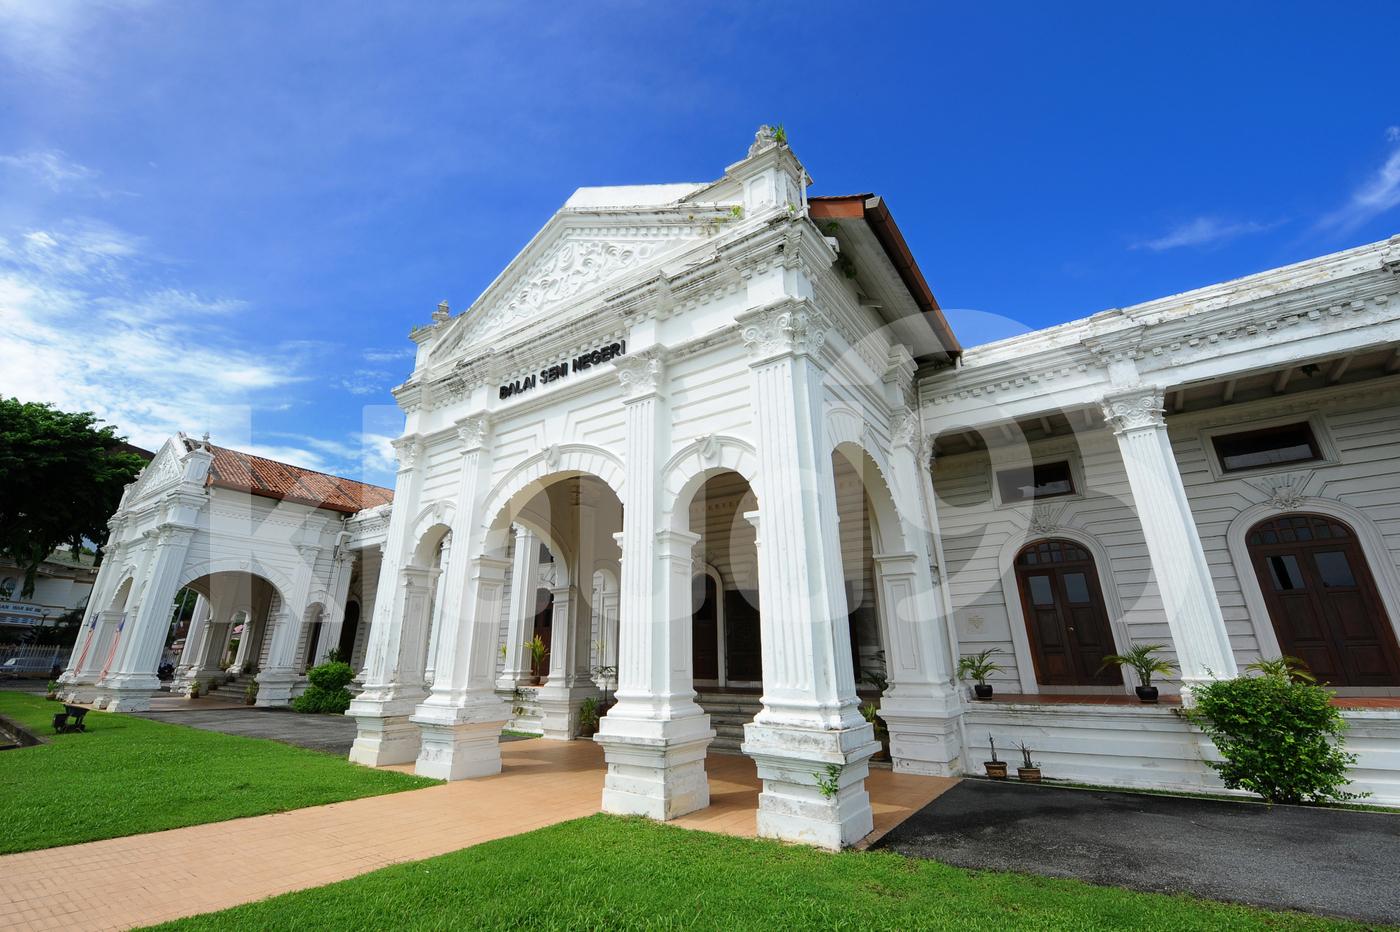 Kedah State Art Gallery